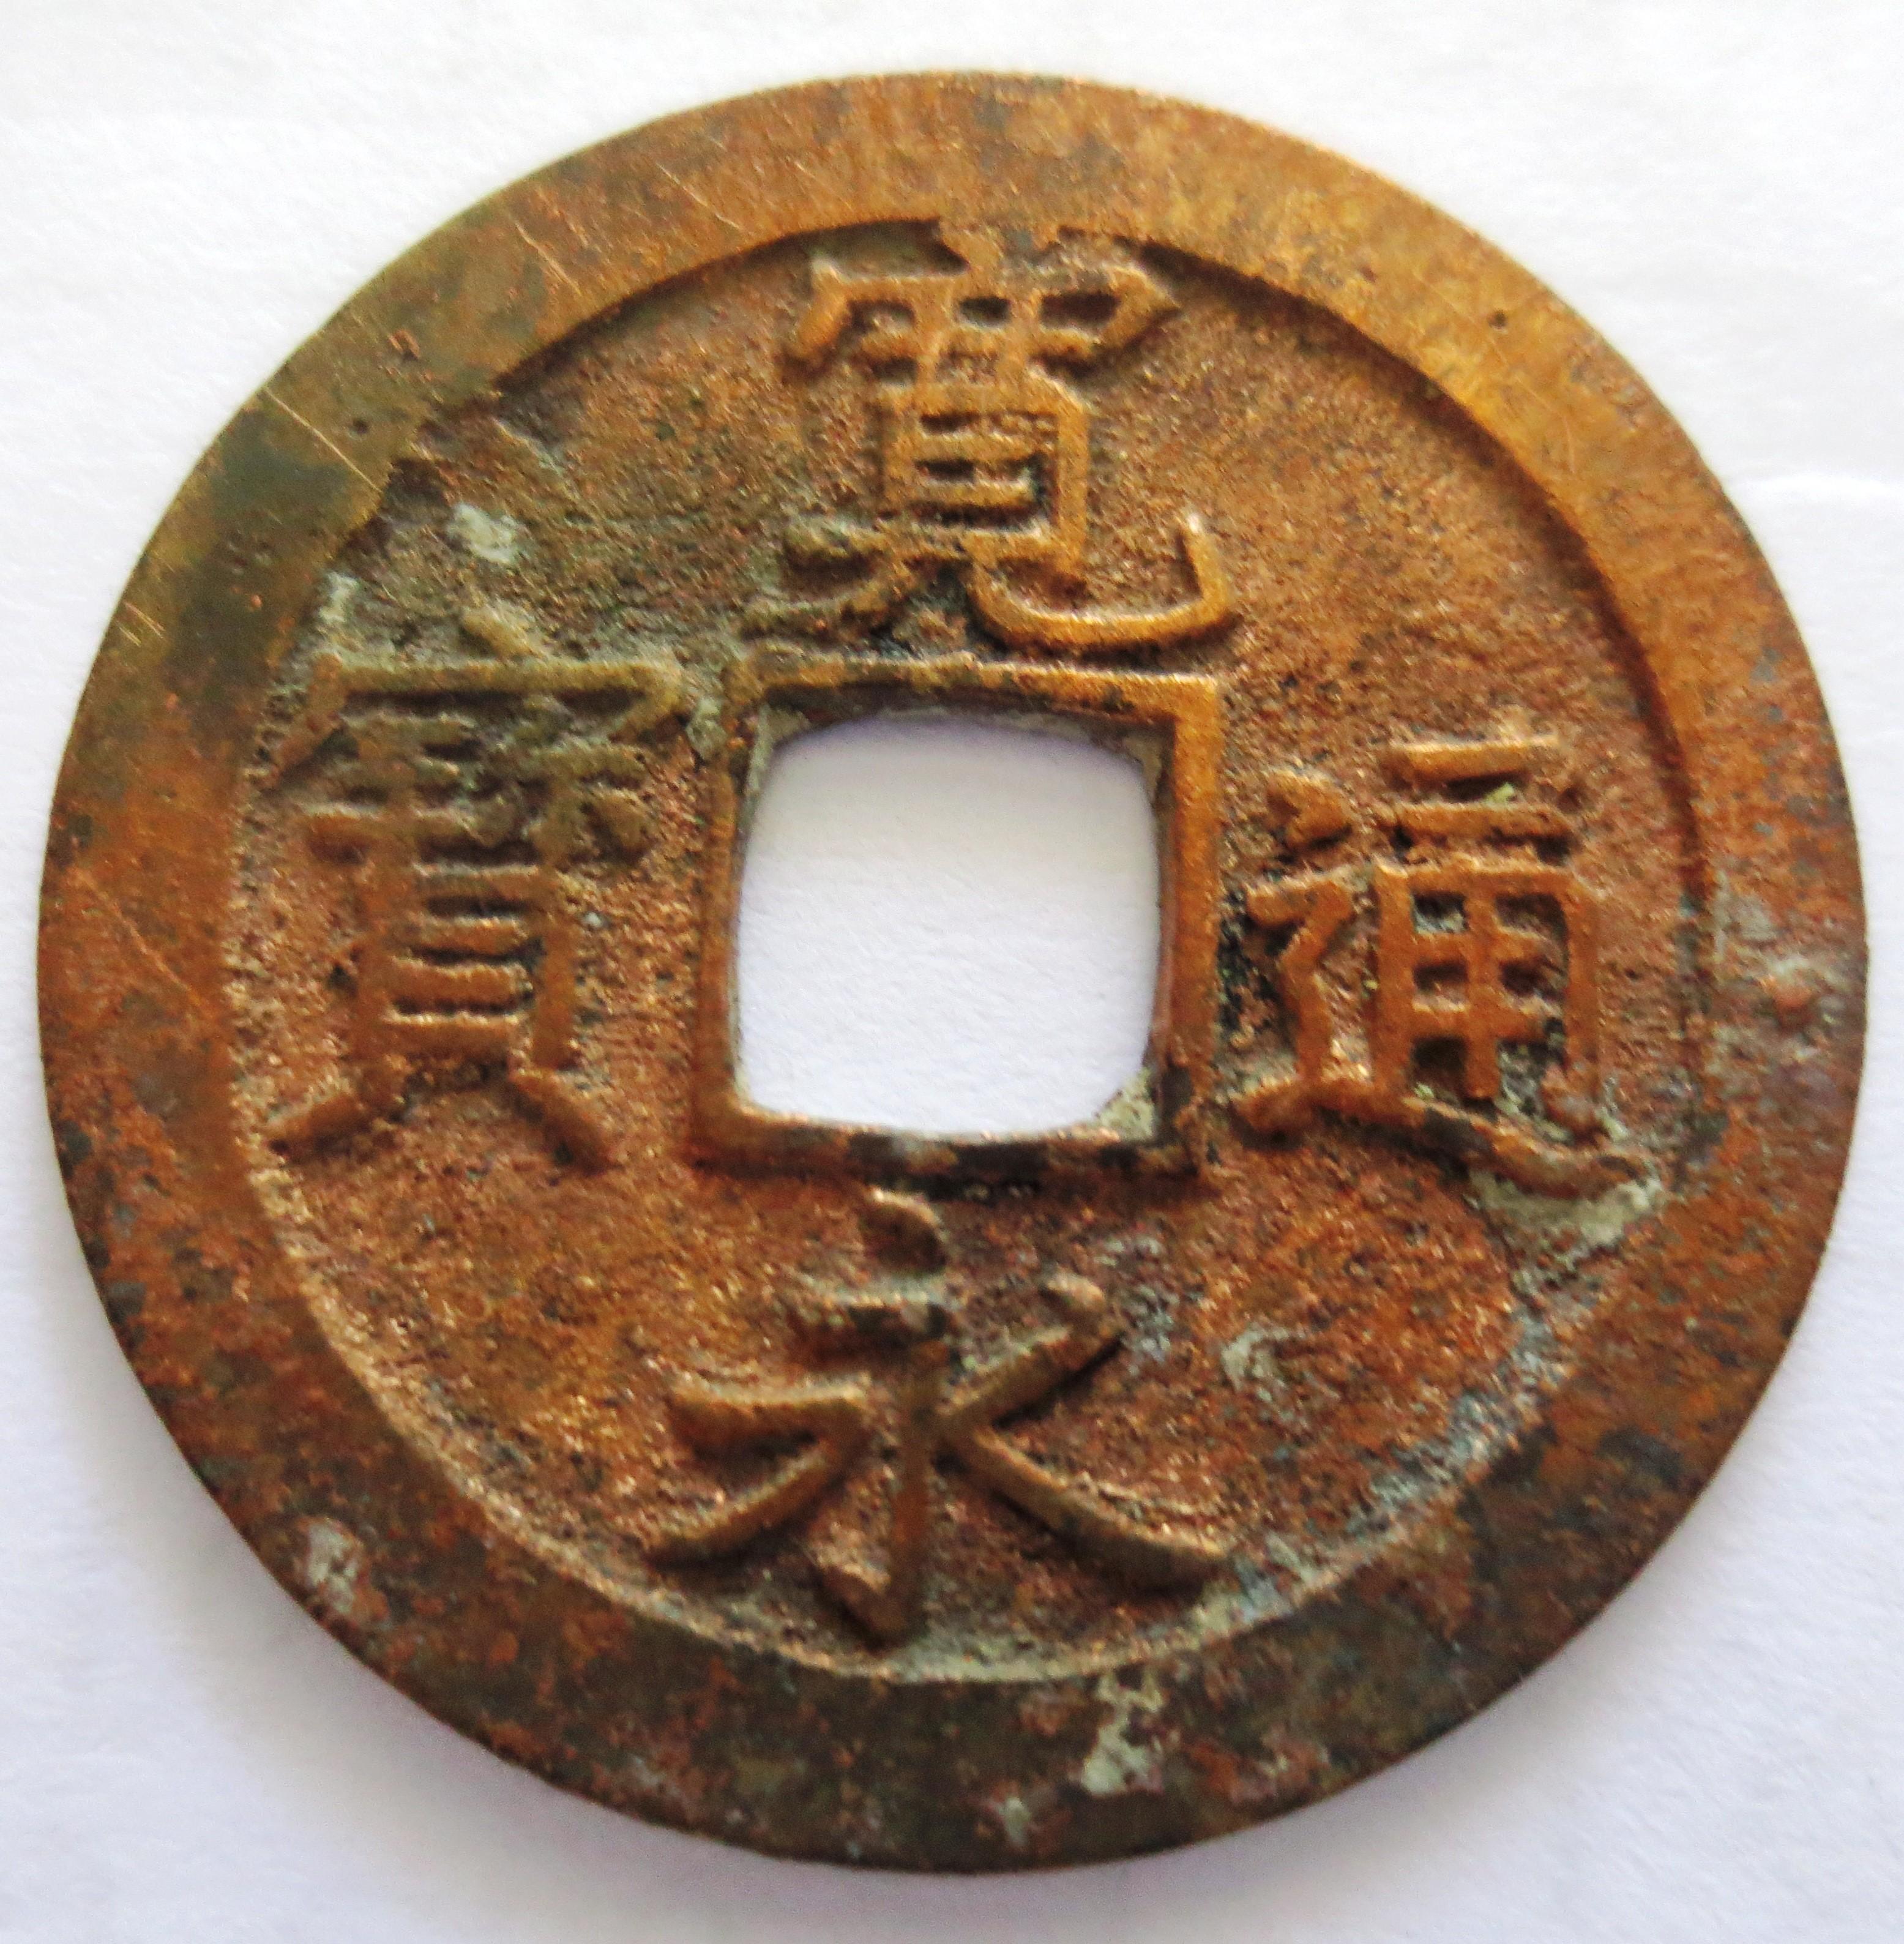 Văn hoá - Hà Tĩnh: Phát hiện bộ sưu tập tiền xu cổ Nhật Bản (Hình 2).